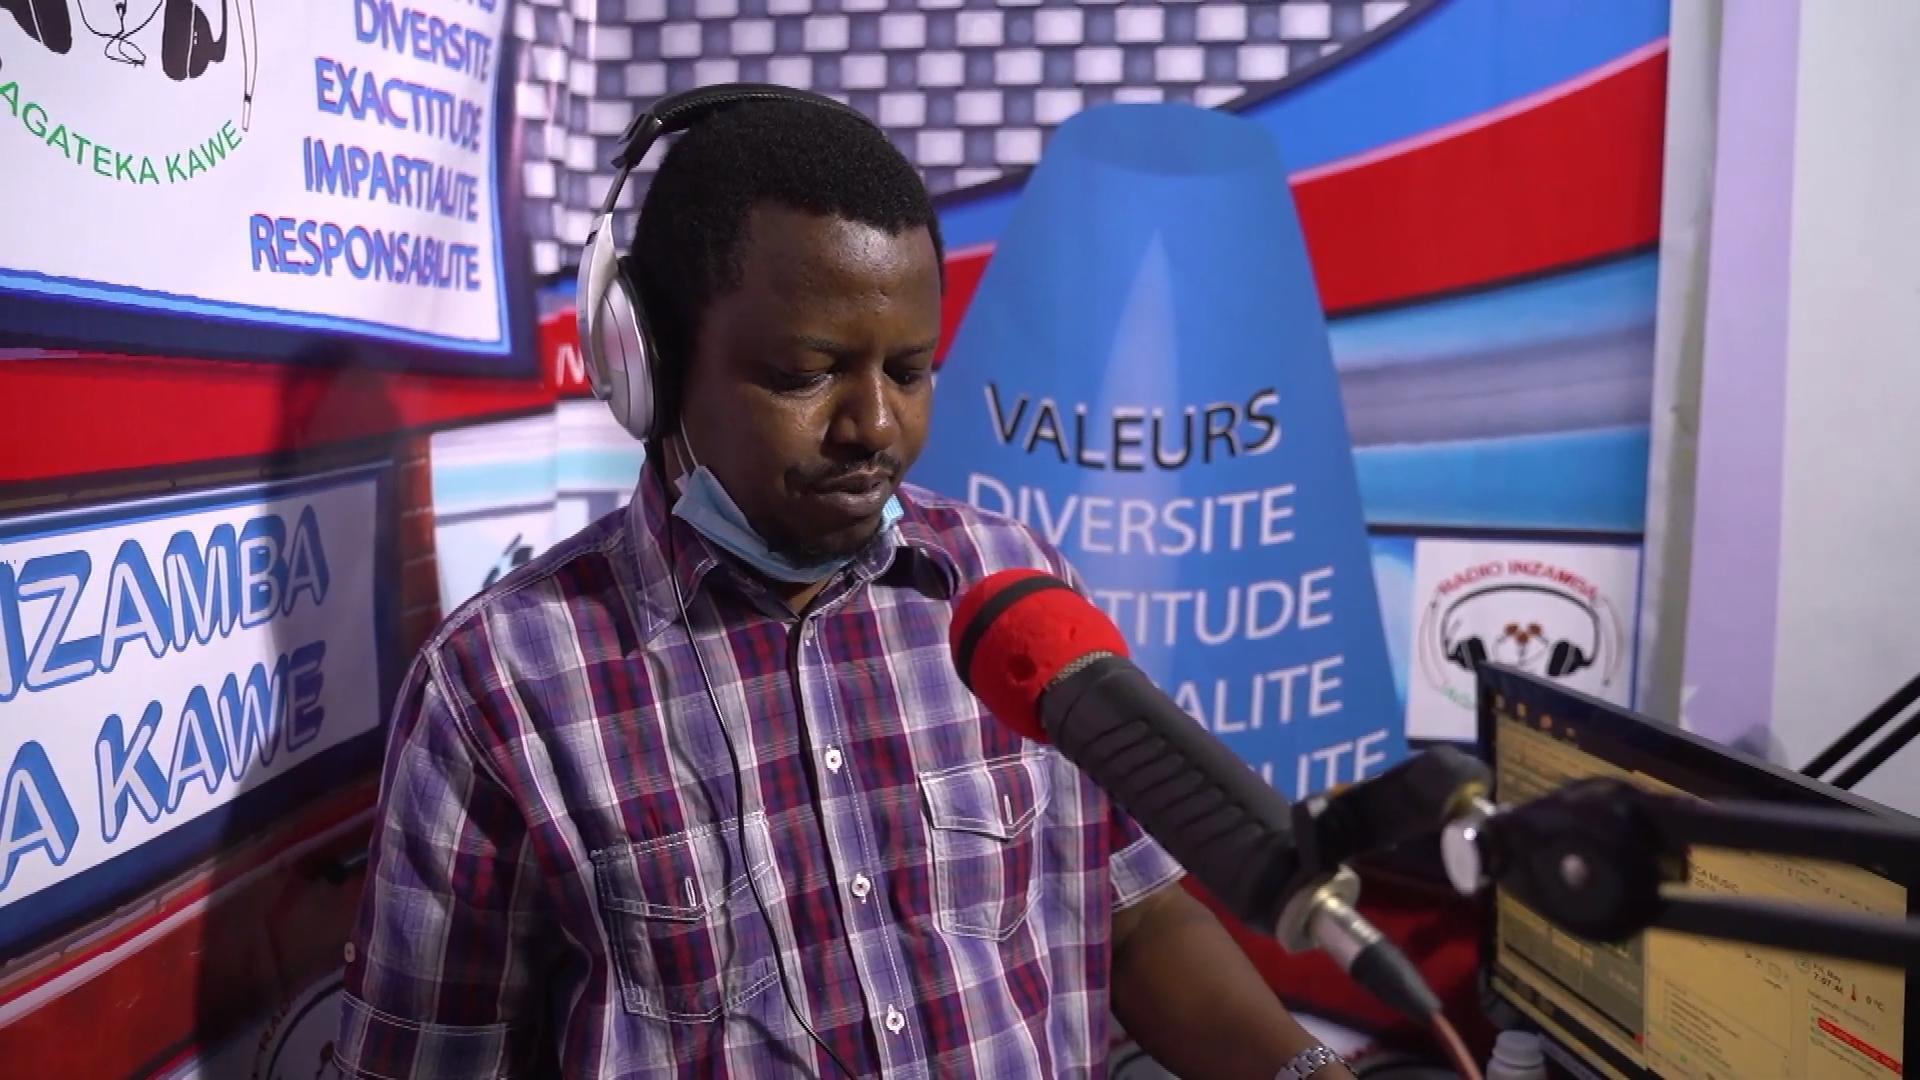 Les réfugiés burundais vivant au Rwanda ont peu d'espoir d'un changement avec la présidentielle du 20 mai